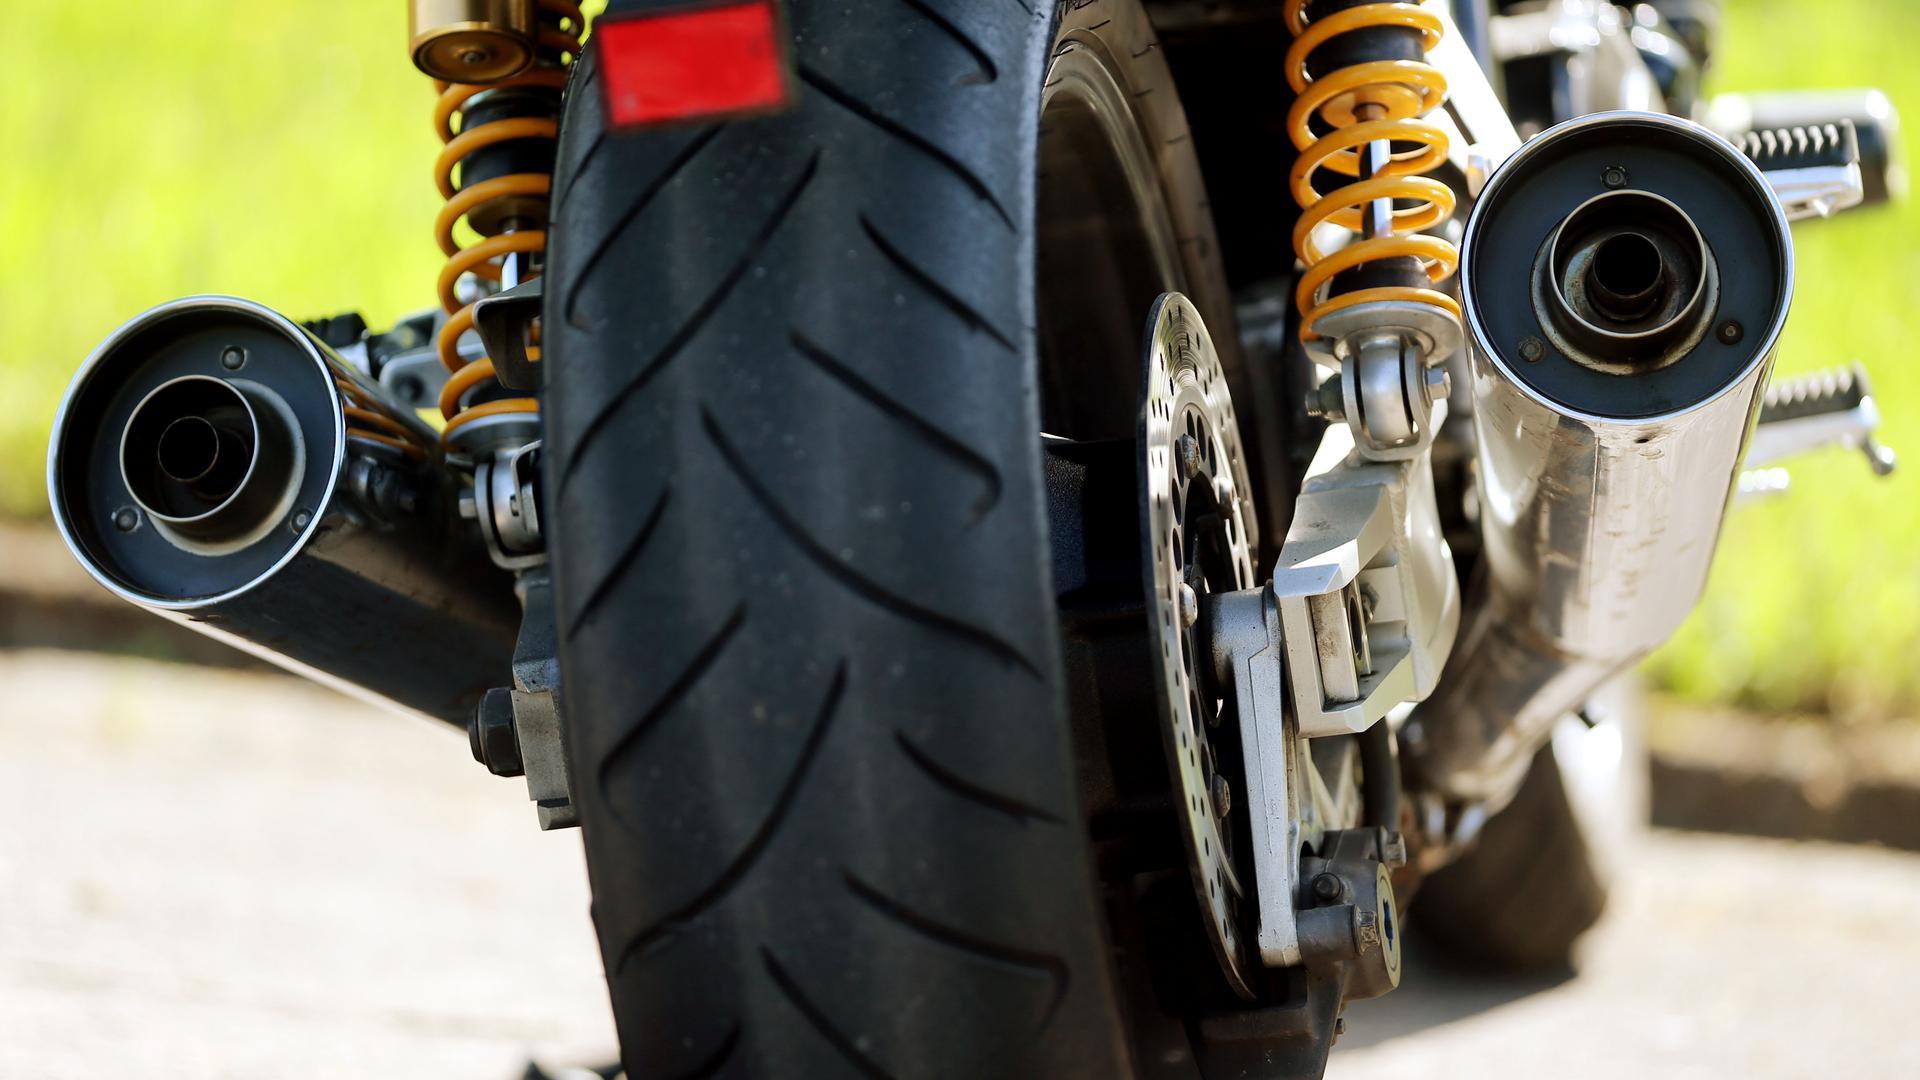 Motorradfahrer, die die Motoren ihrer Maschinen im Stadtgebiet von Baden-Baden aufheulen lassen, müssen weiterhin kein Bußgeld fürchten. Für den Einsatz von so genannten Lärmblitzern fehlt die gesetzliche Grundl